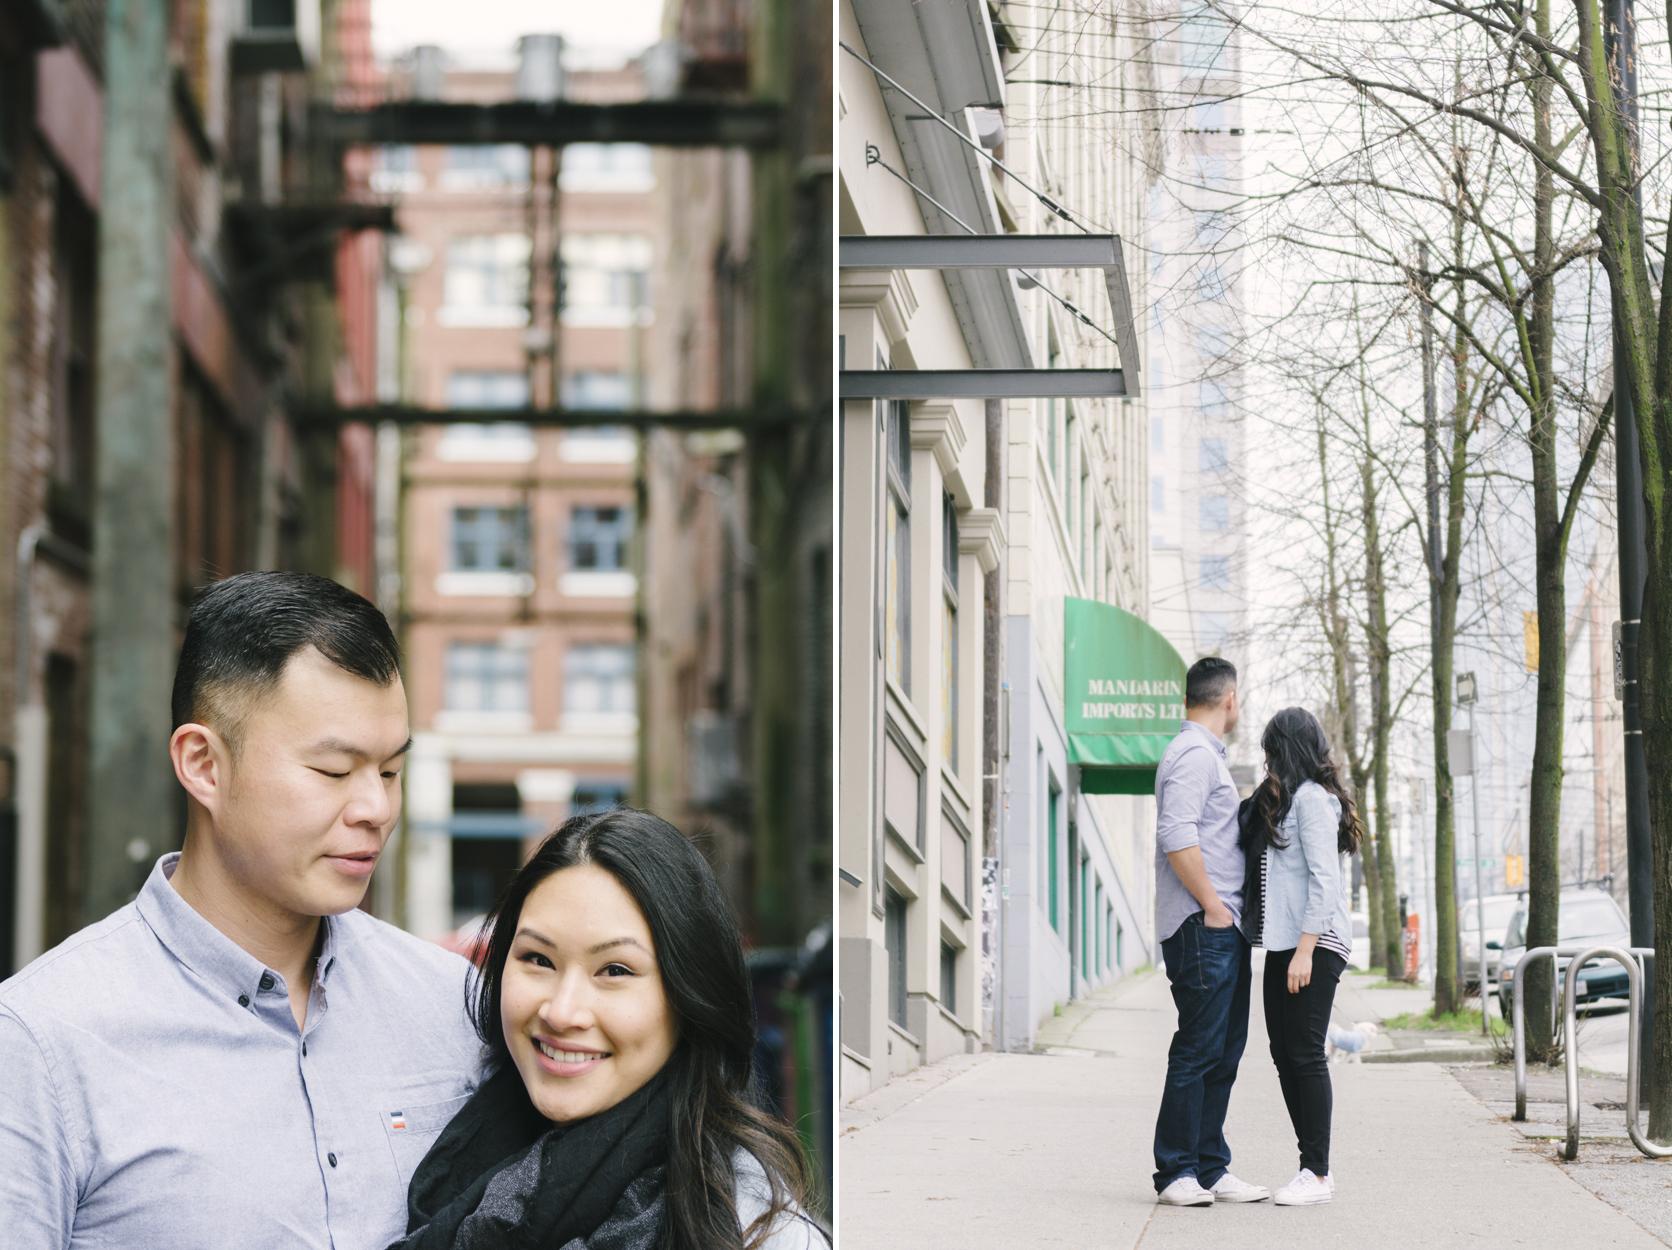 gastown-chinatown-engagement-07.jpg